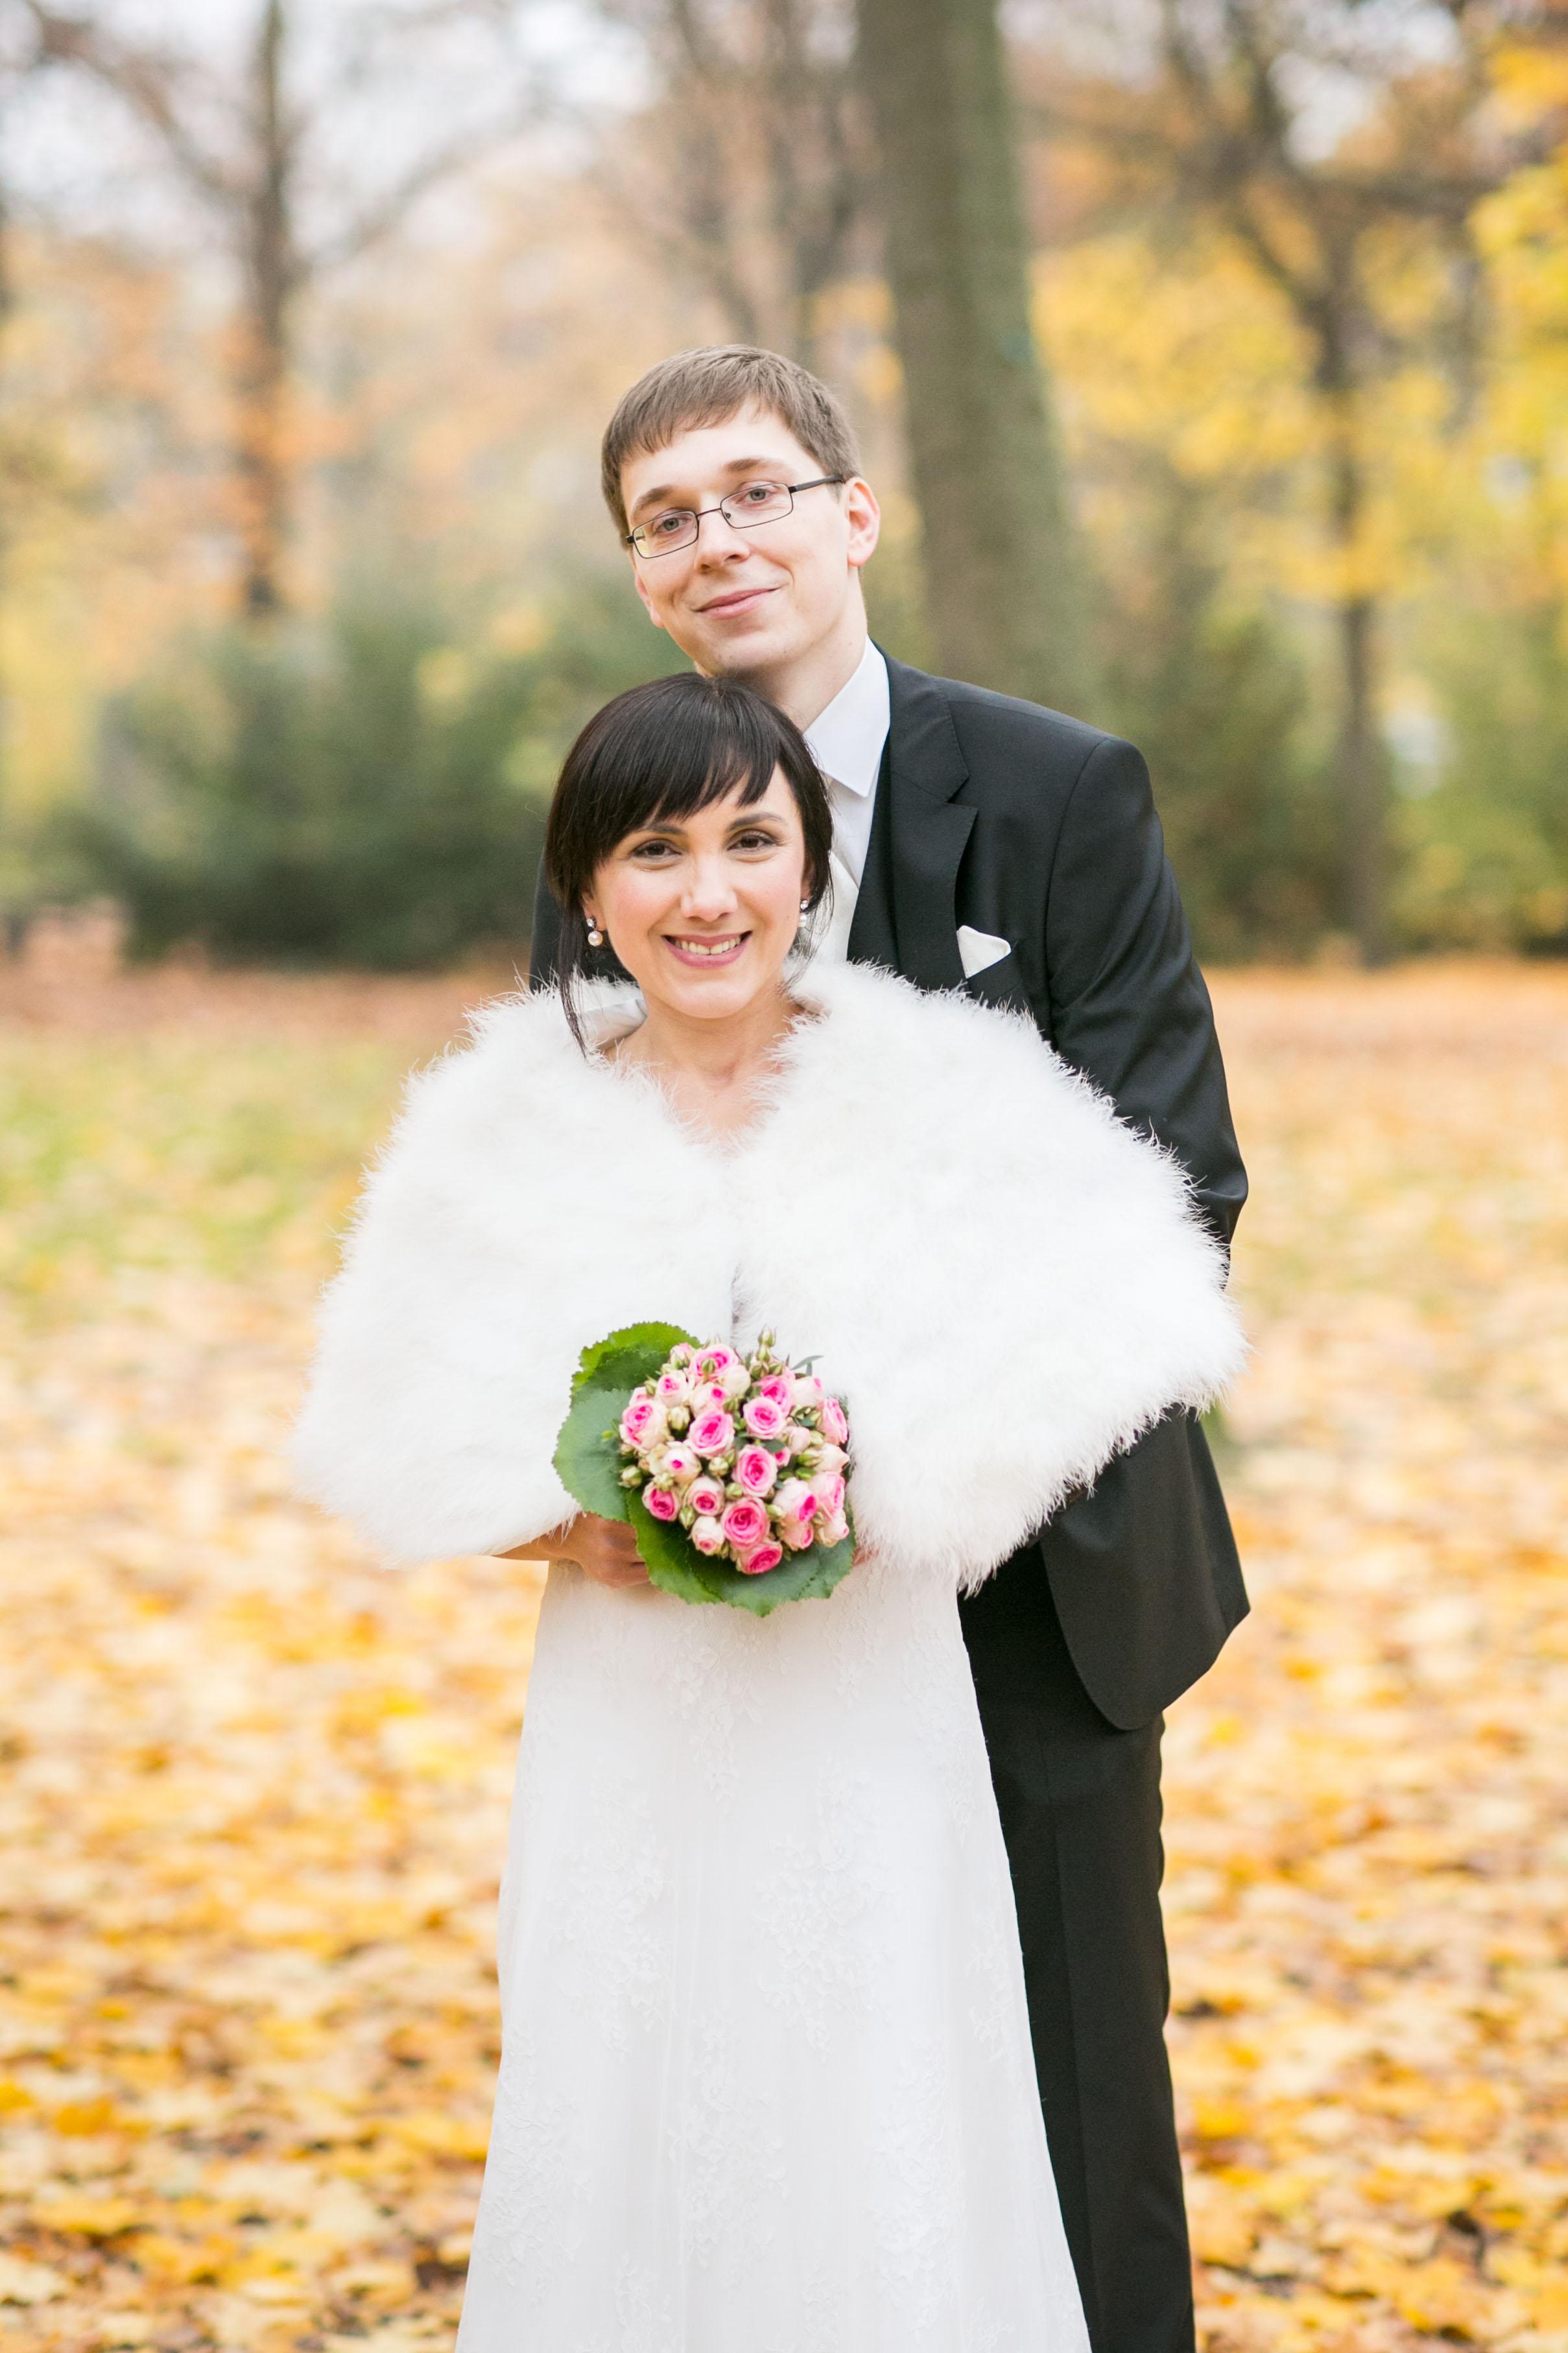 Fran Burrows Hochzeitsfotografie Berlin_Lichtenberg Standesamt-59.jpg